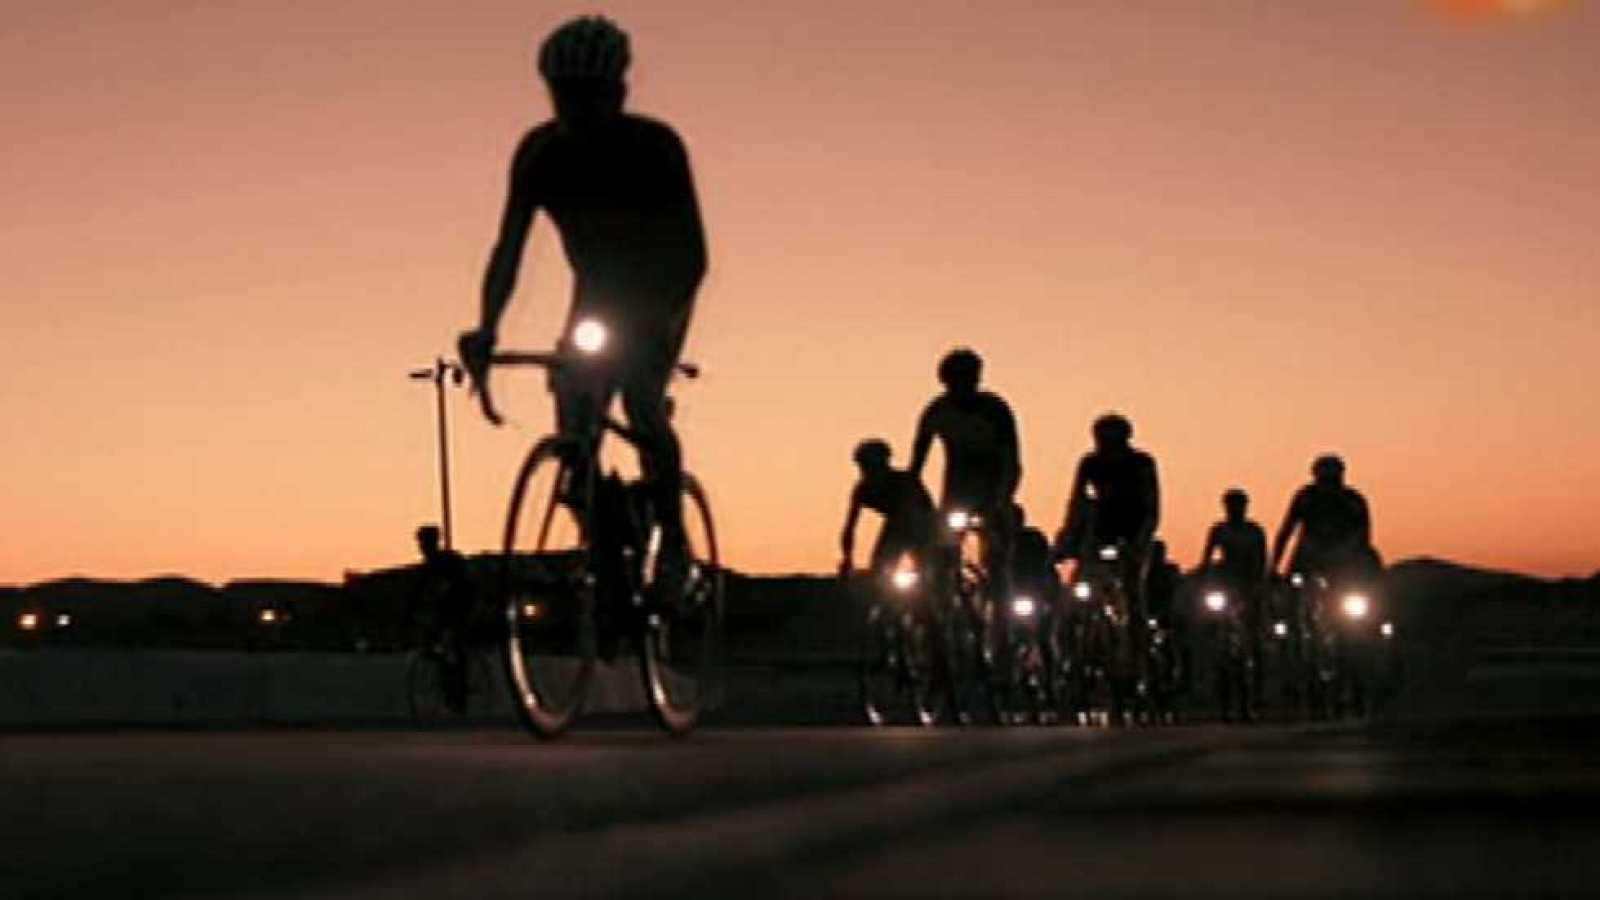 Ciclismo: Campeonato de España Ciclismo 24 Horas 2017 - ver ahora